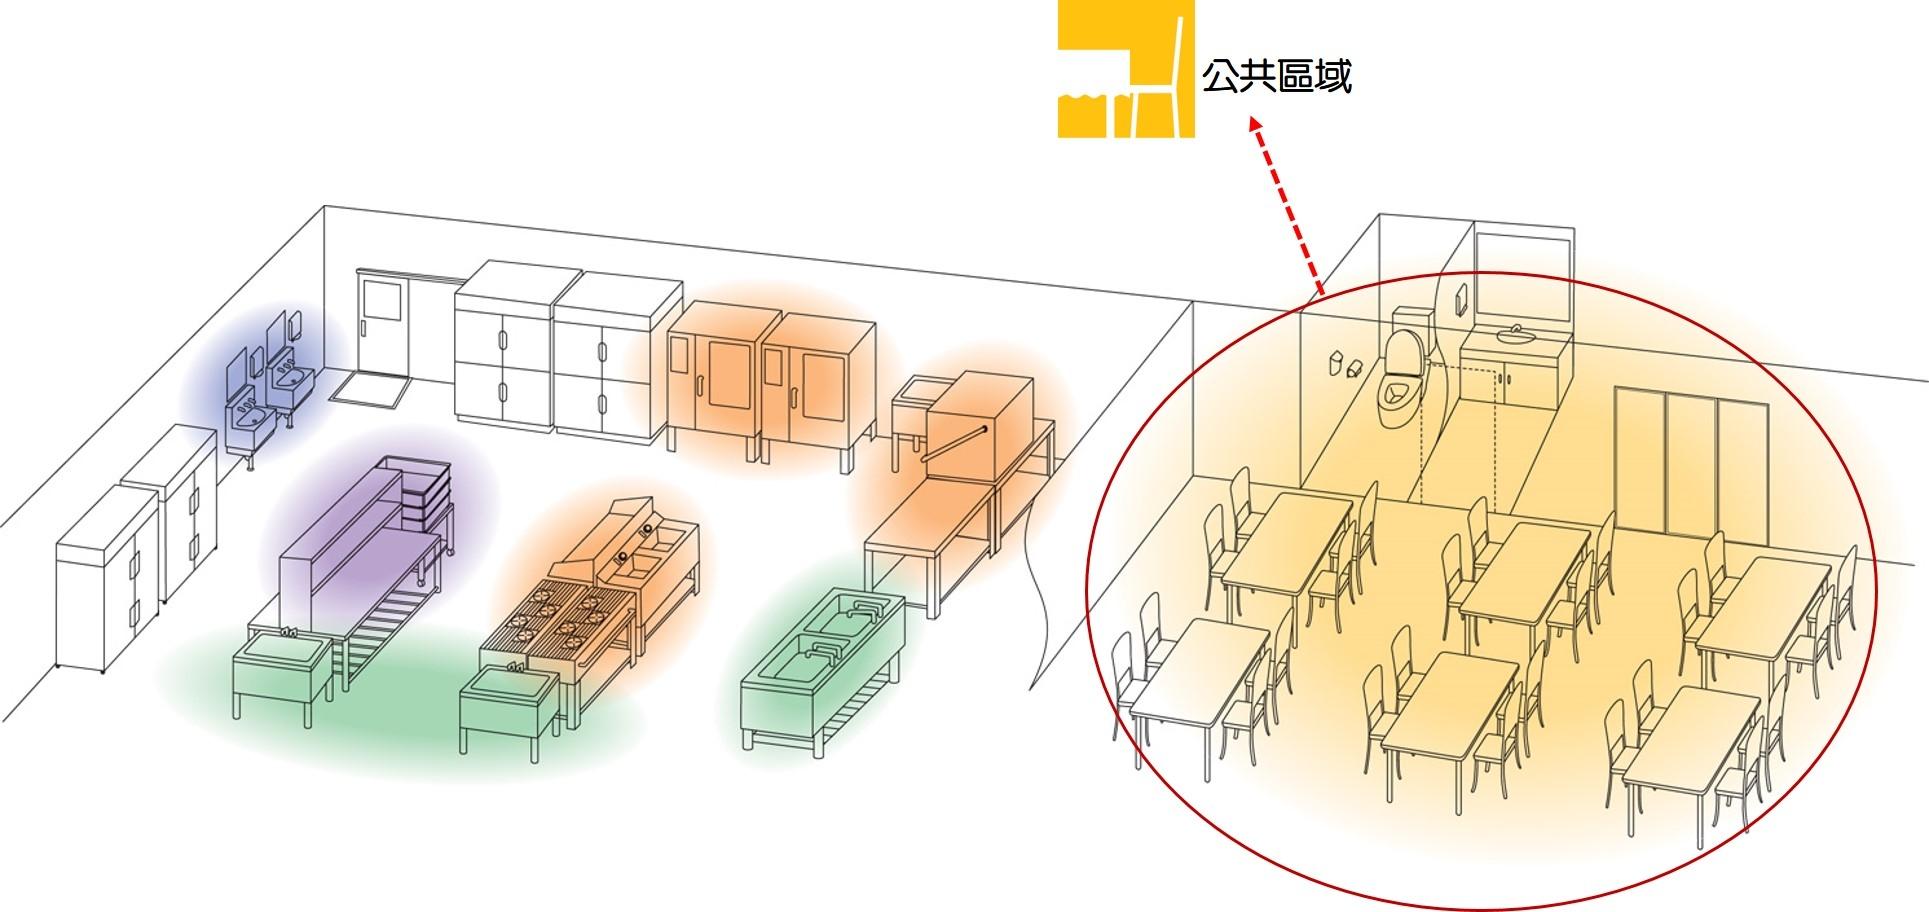 公共區域客席・ホール・化粧室エリア